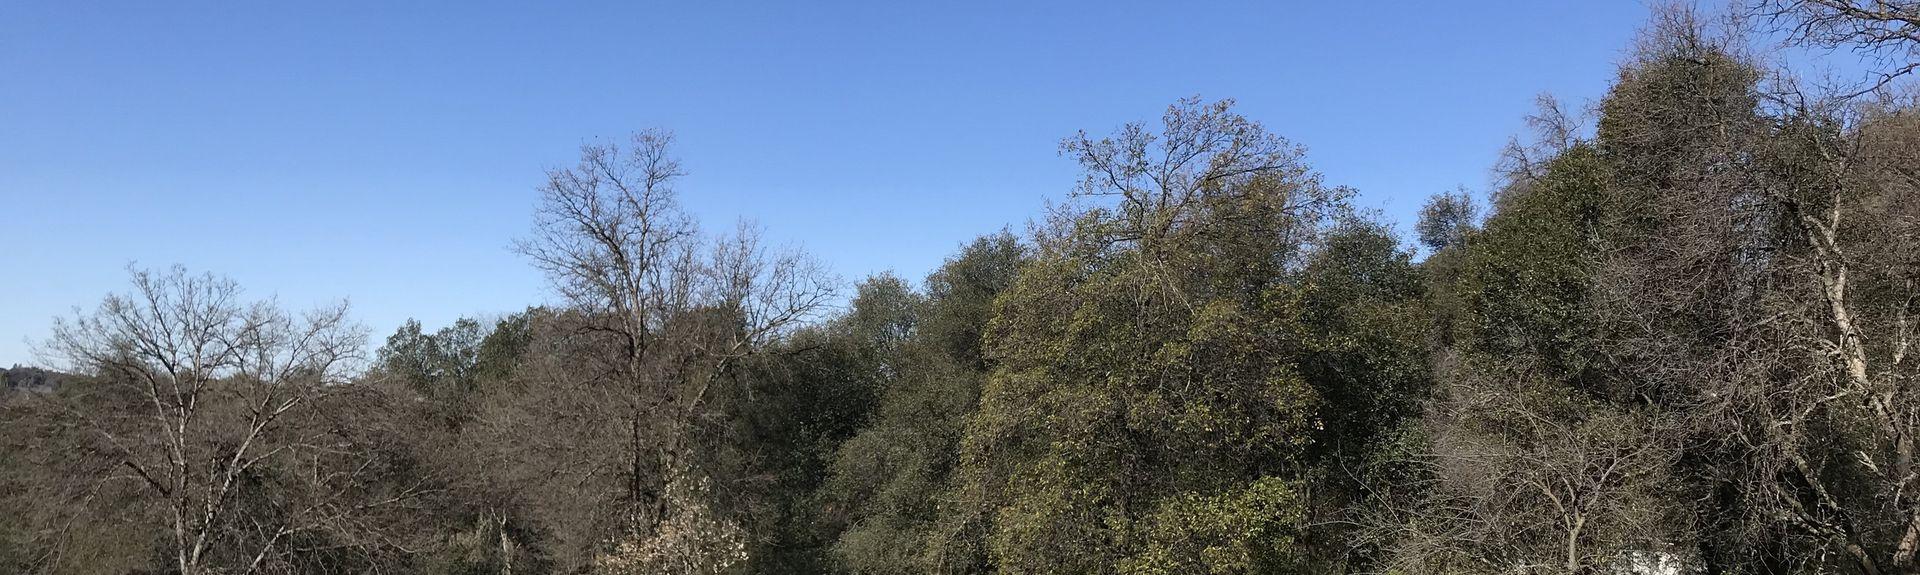 Sobon Estate (Weingut), Fiddletown, Kalifornien, USA